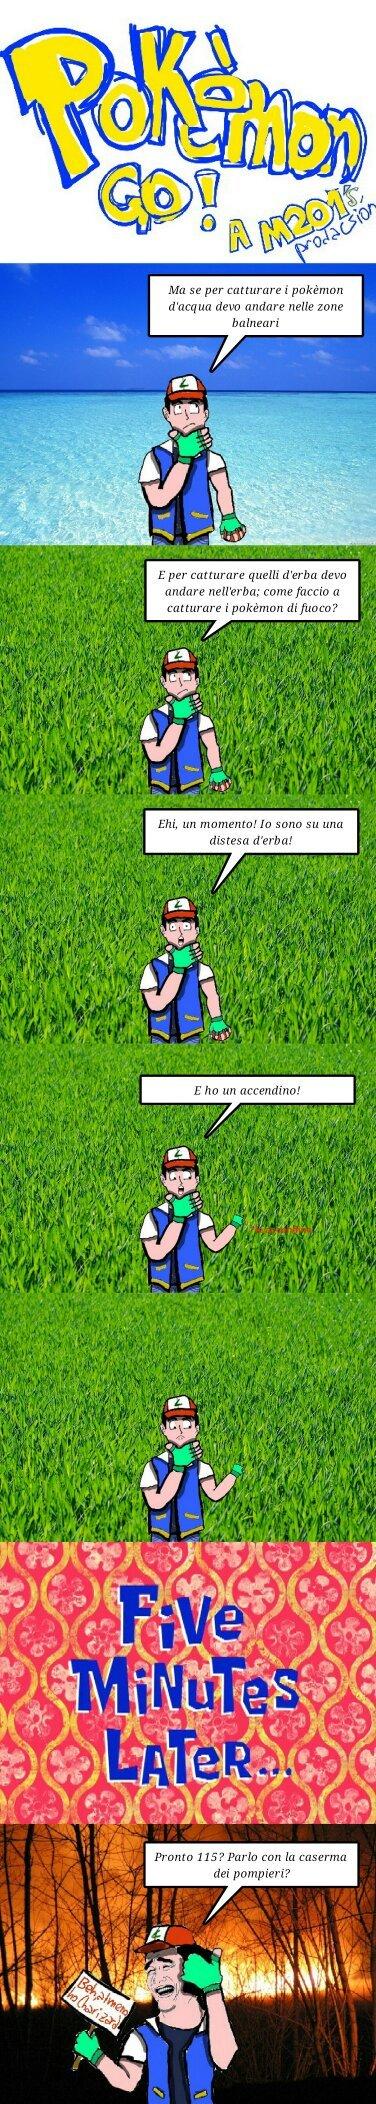 Lascio il server italiano :3, cito edwinagain, calciatore111 e castoro alla vaniglia (i migliori su questo server) - meme